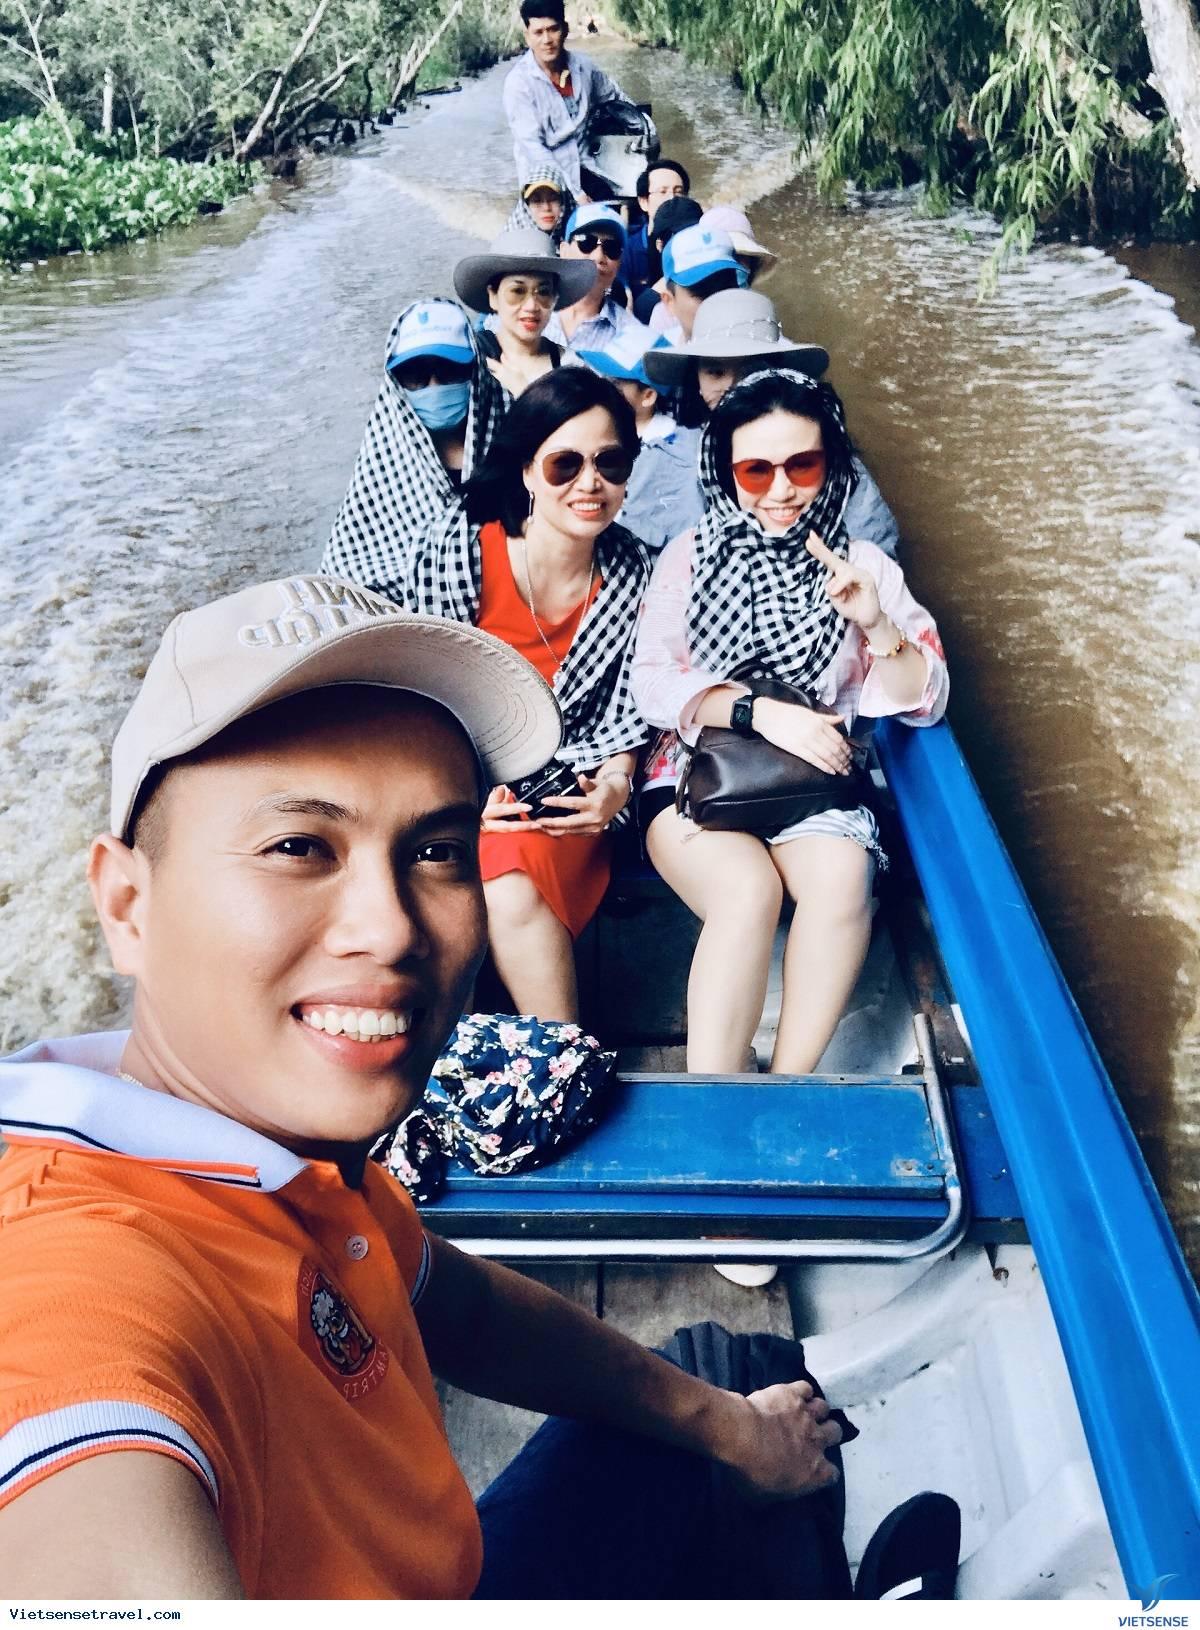 Tour du lịch Hà Nội - Miền Tây 4 ngày 3 đêm: Cần Thơ - Sóc Trăng - Bạc Liêu - Cà Mau - Châu Đốc - Ảnh 3